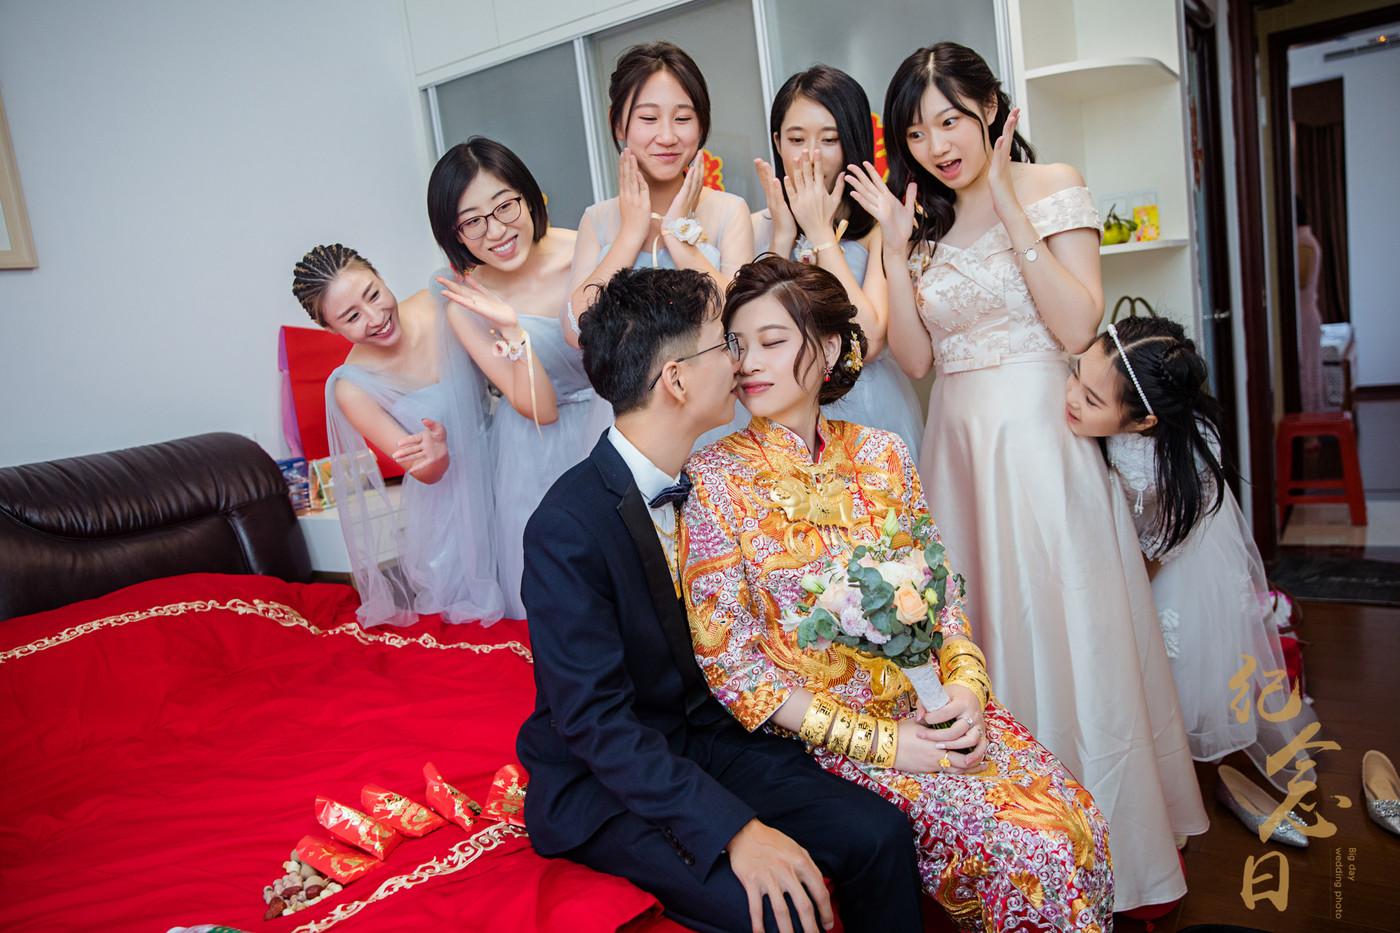 婚礼 | 志明&琳琳48